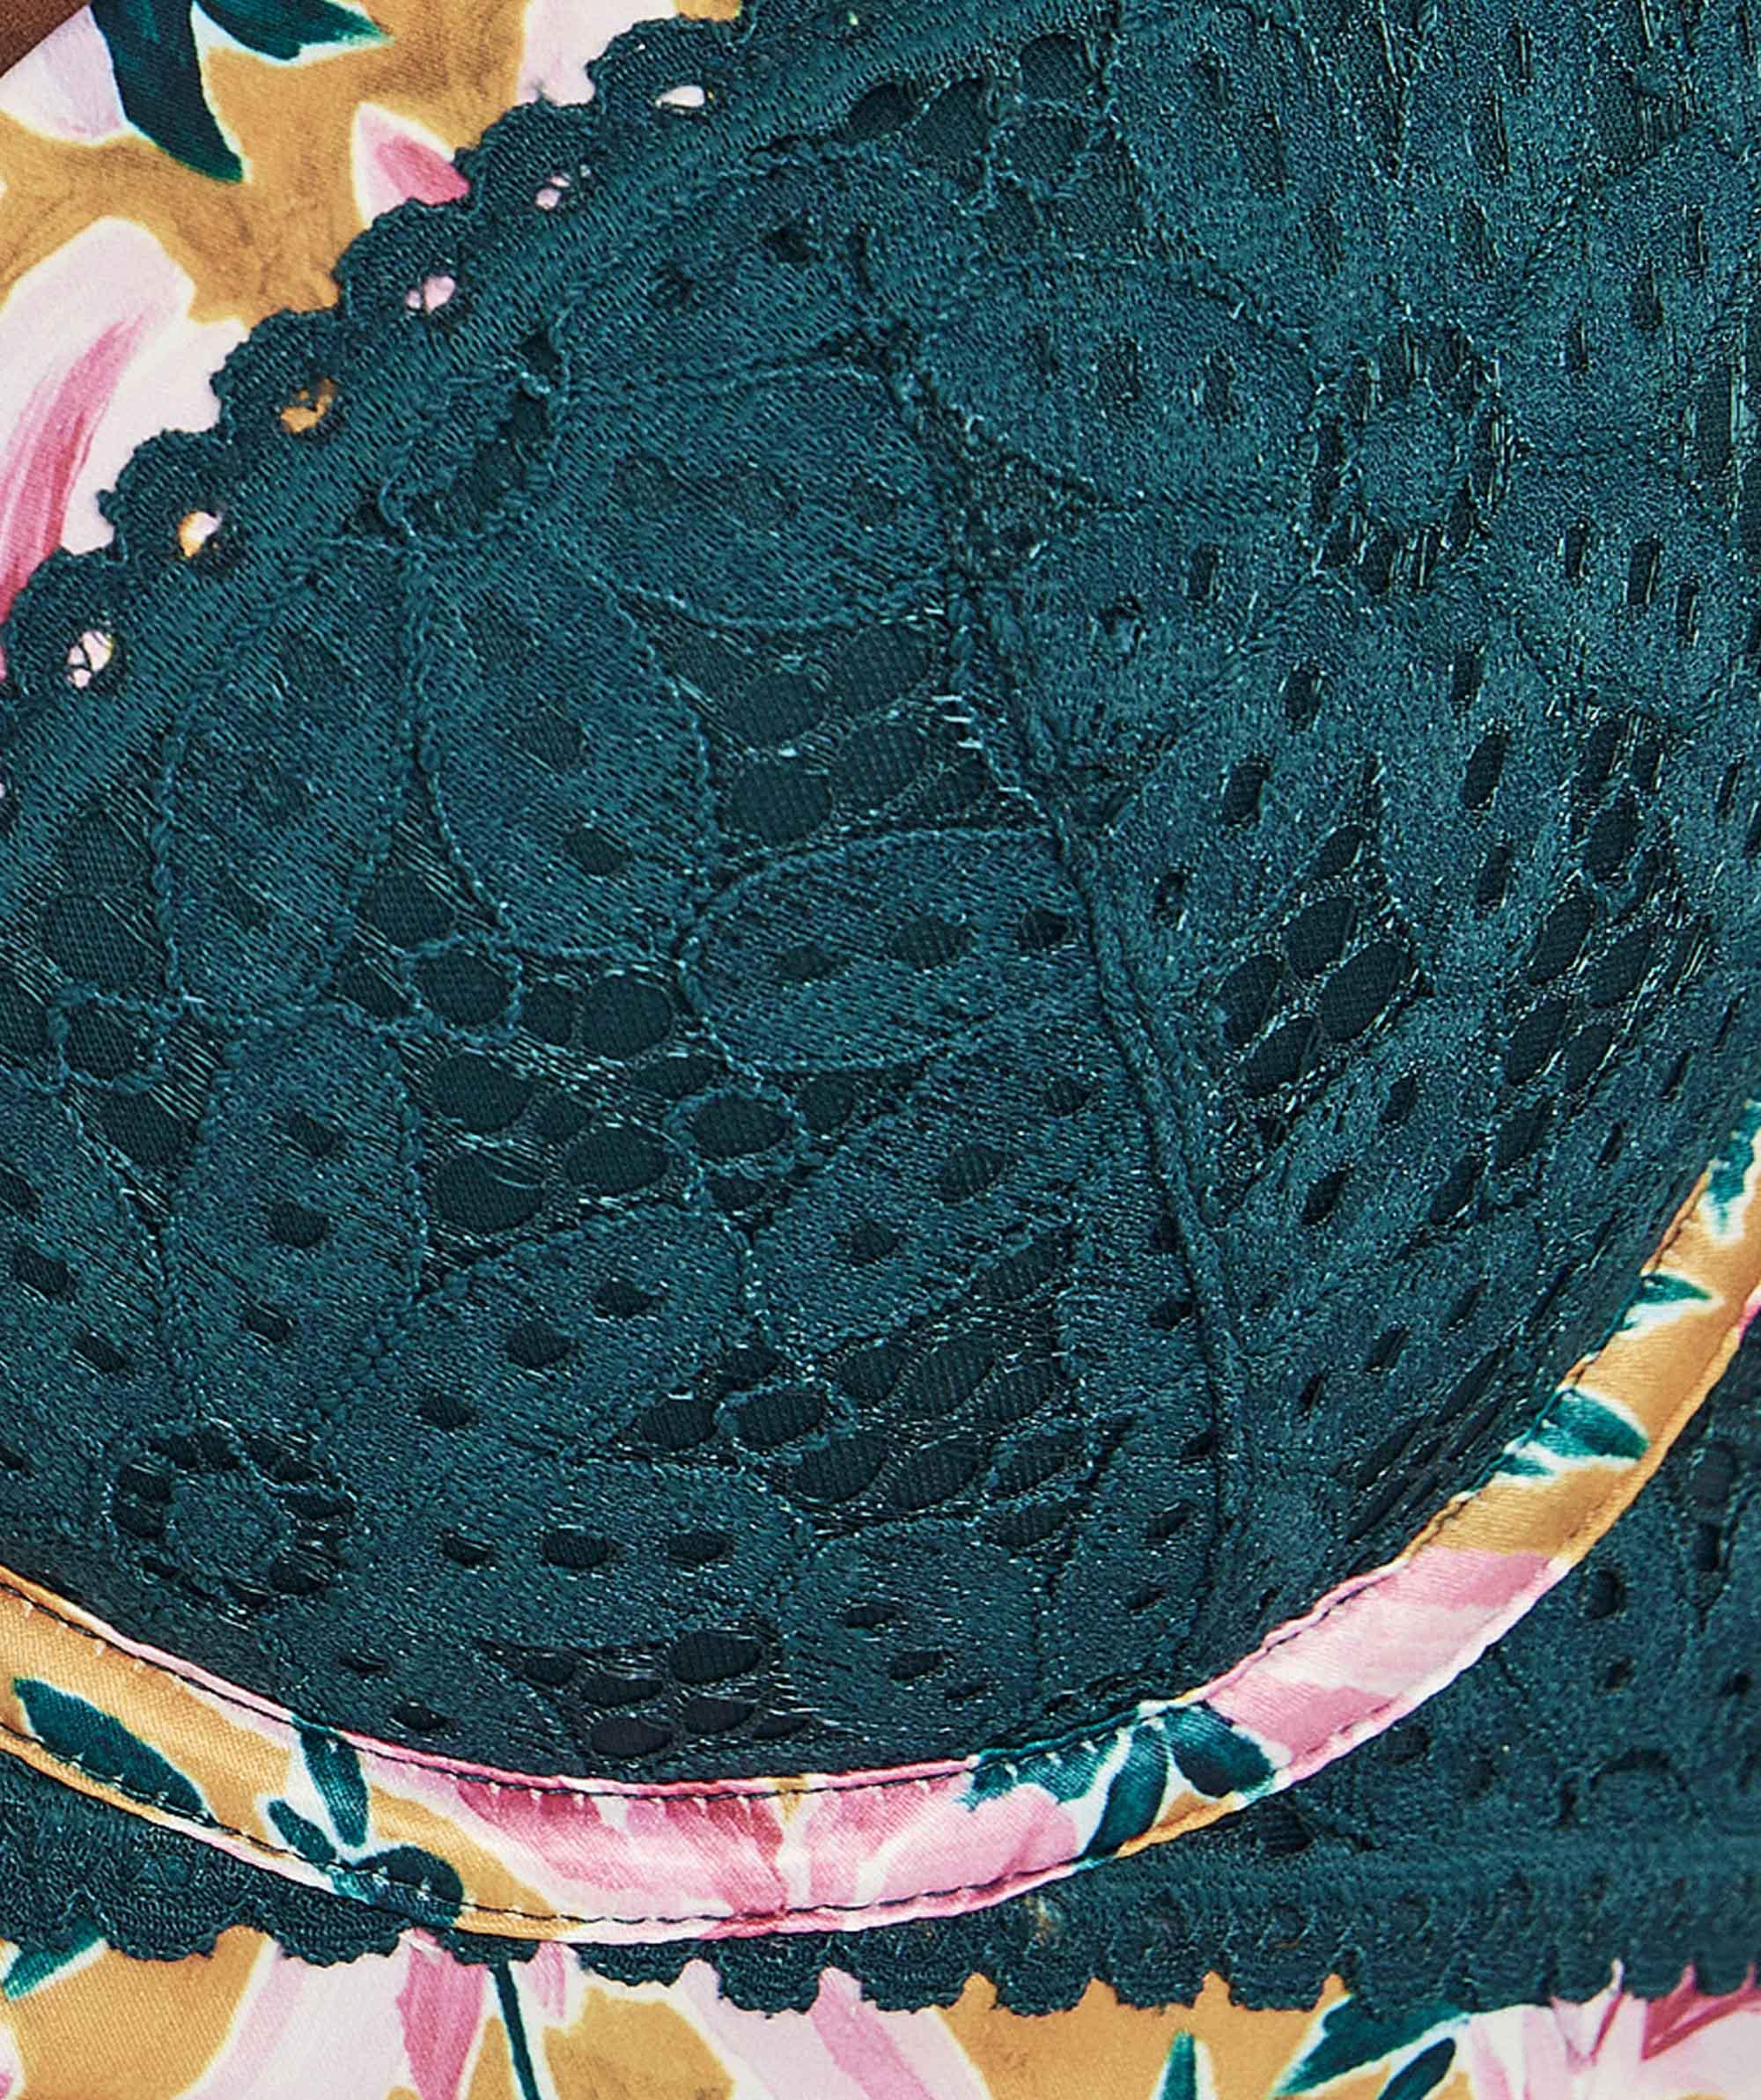 Saint Tropez Balconette Contour Bra - Teal/Floral Print